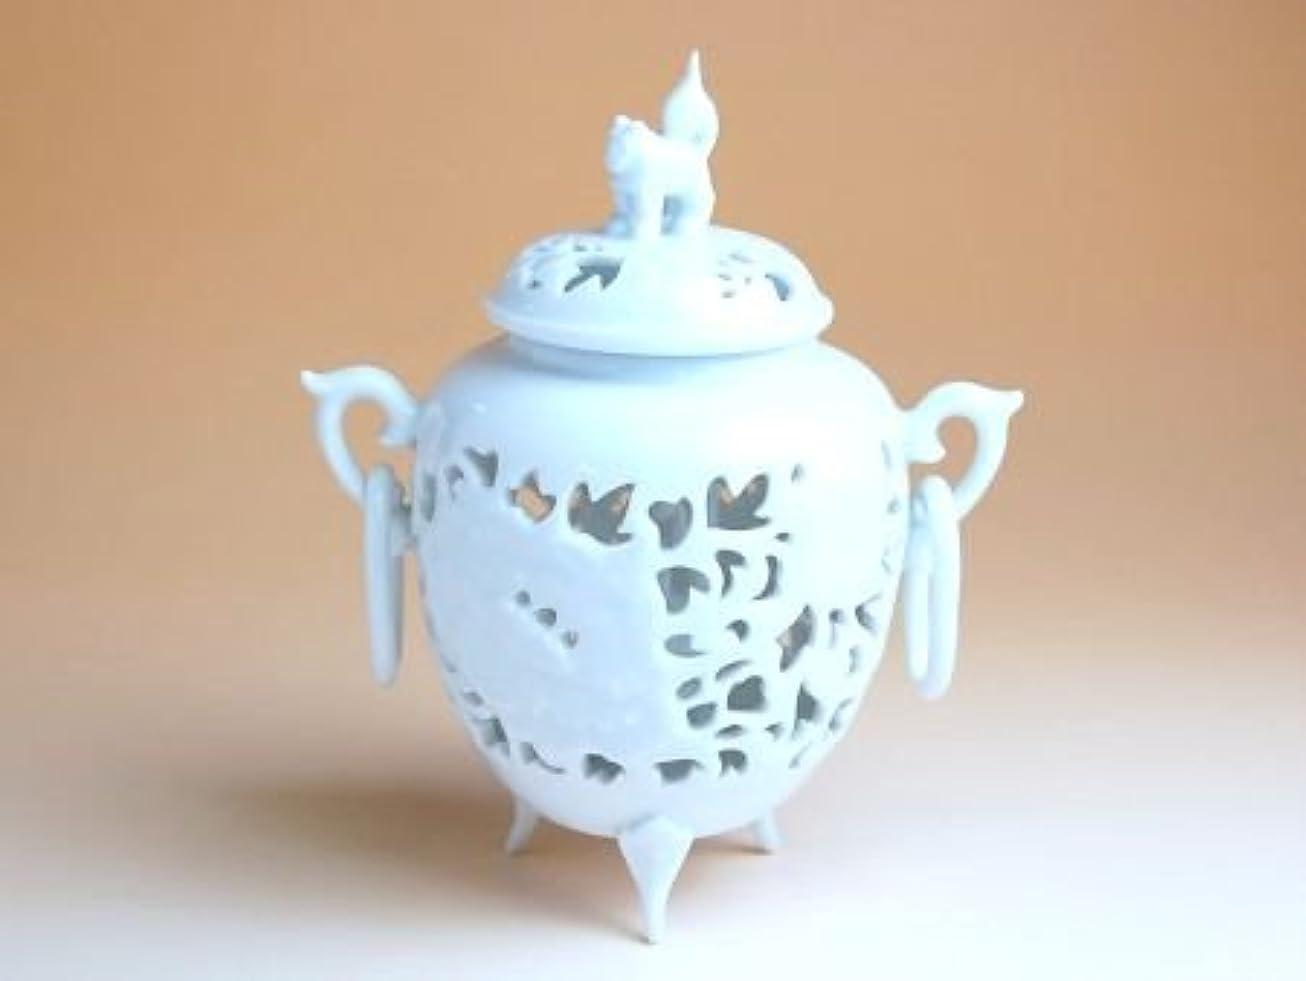 ルビーとげつまずく有田焼 白磁彫浮牡丹 香炉(木箱付)【サイズ】高さ13cm